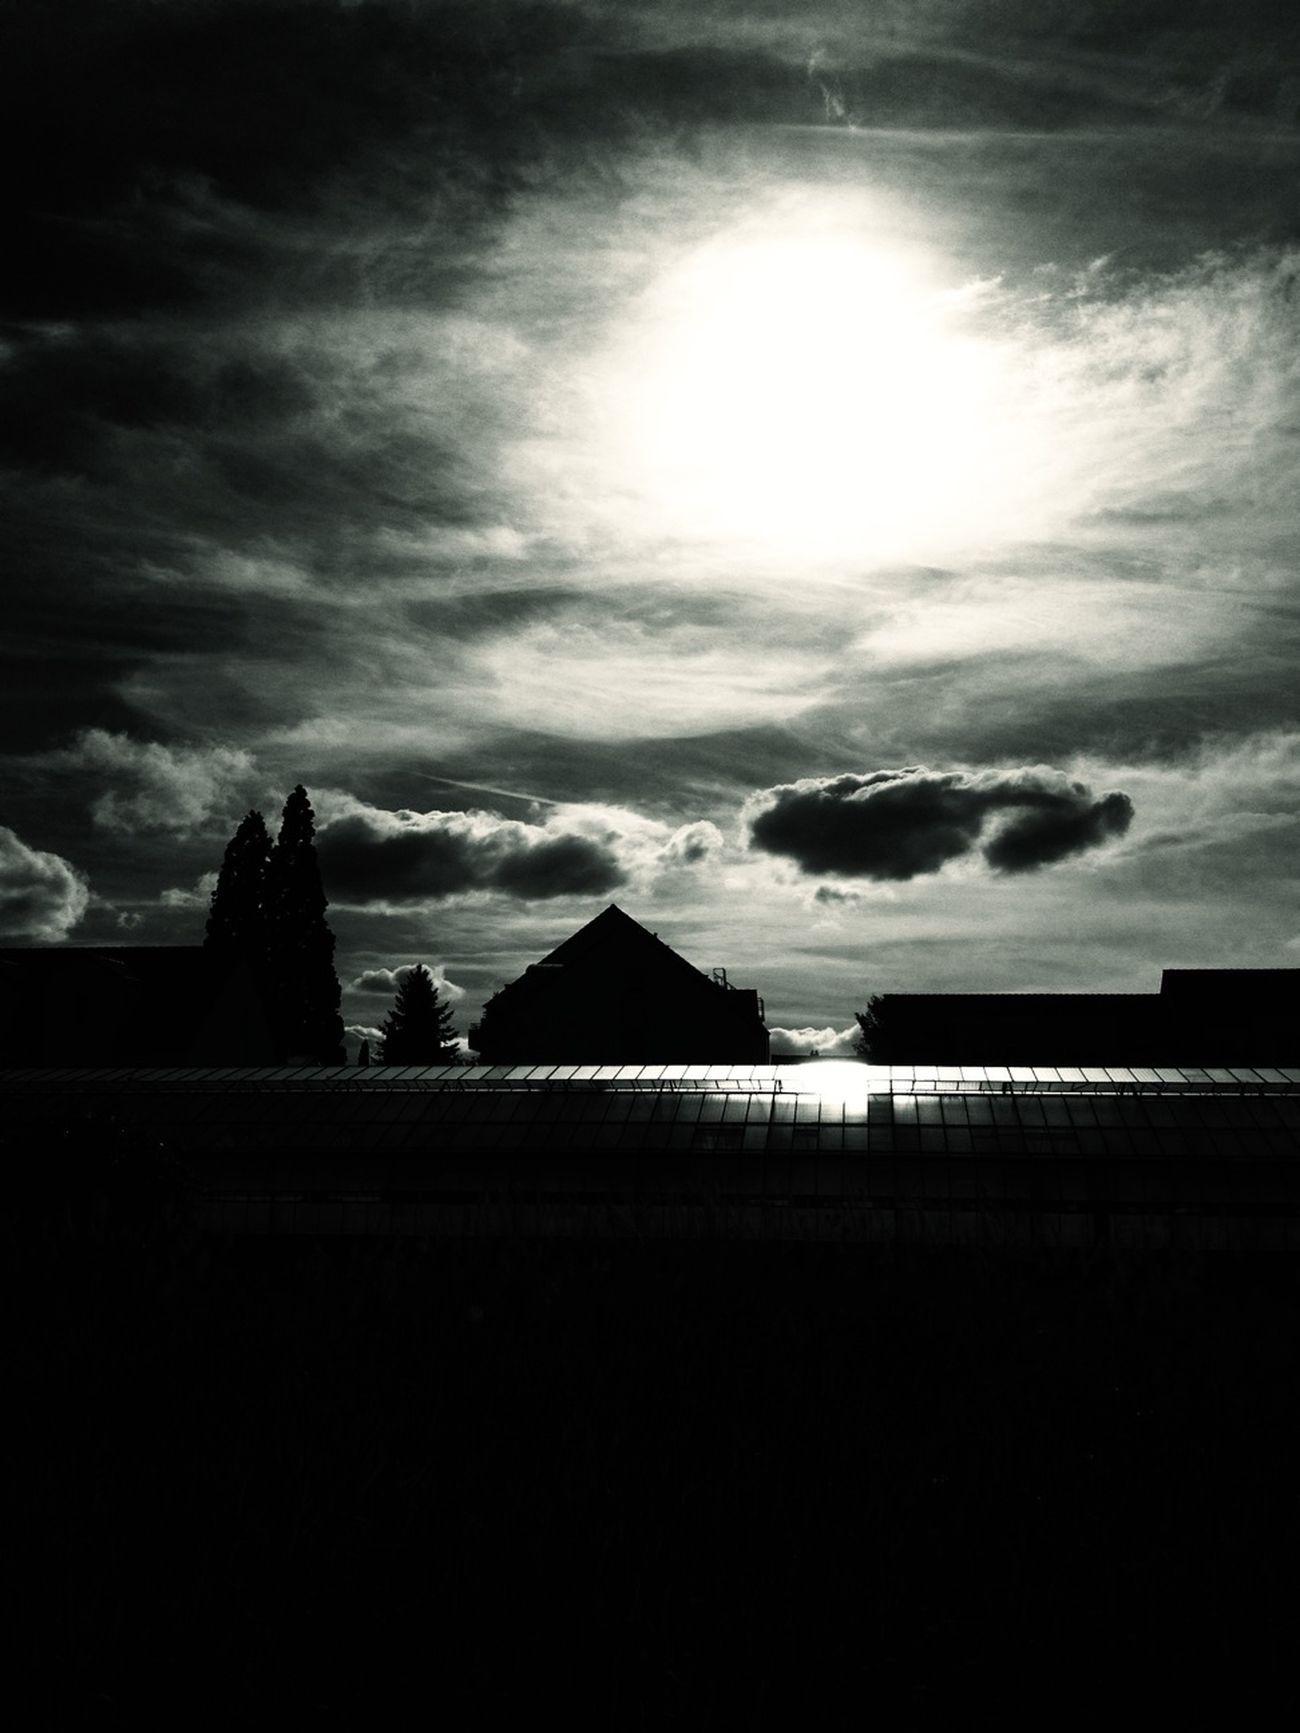 village silhouettes Blackandwhite Schwarz & Weiß Monochrome Streetphoto_bw